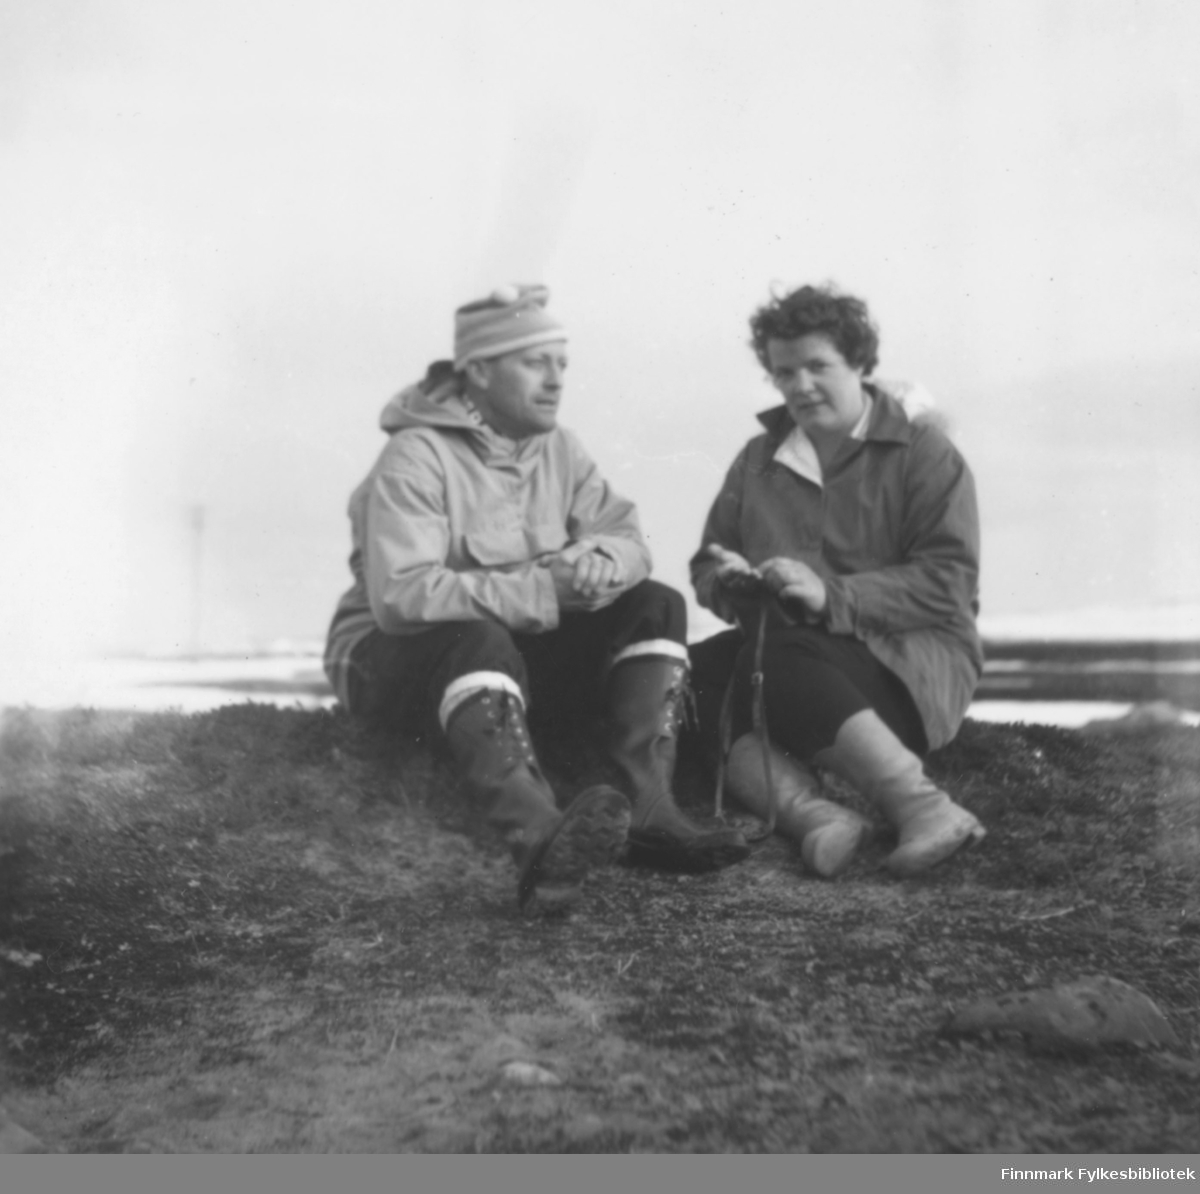 På tur, antakelig i Skallelv, ca. 1961-1963. Fritz og Ragnhild Ebeltoft sitter på en bar rabbe. Det ser ut til å være på vårparten, det ligger ganske mye snø i bakgrunnen